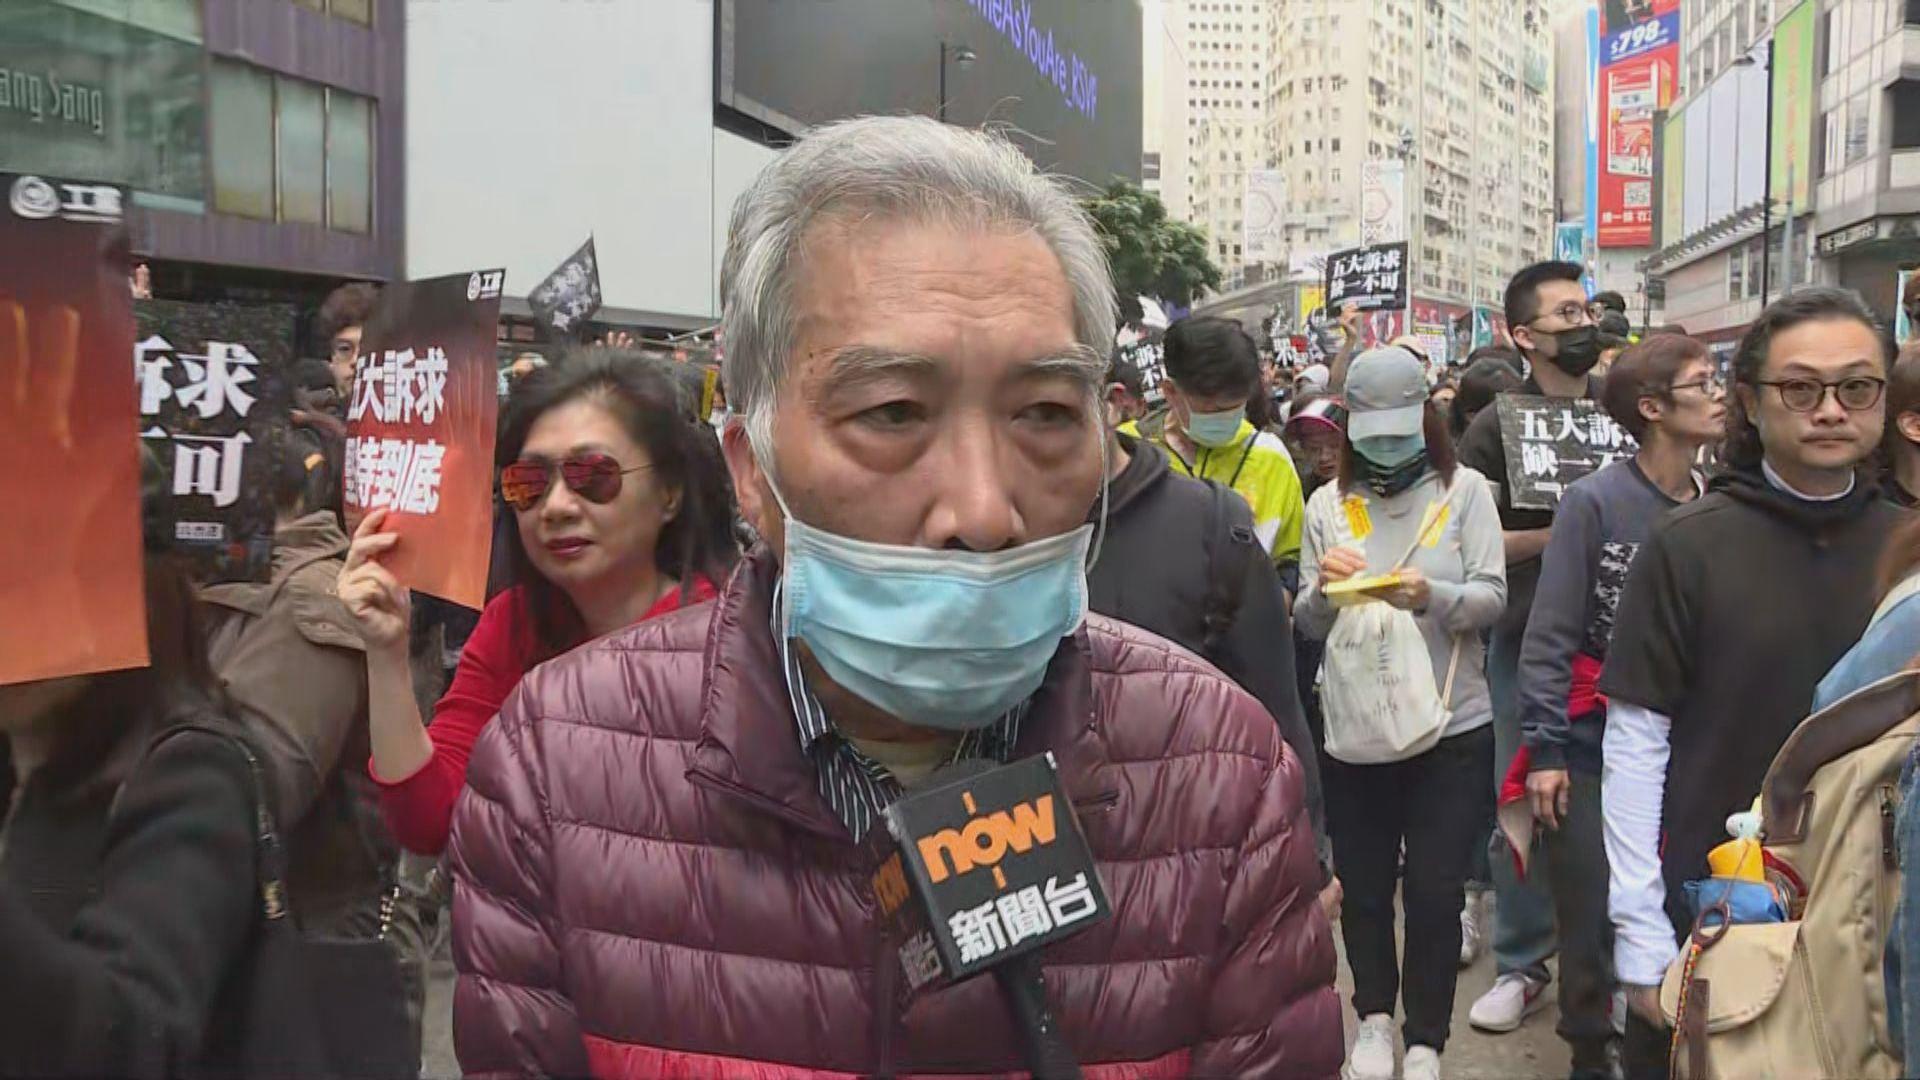 民陣元旦遊行 有市民指五大訴求未實現會堅持上街